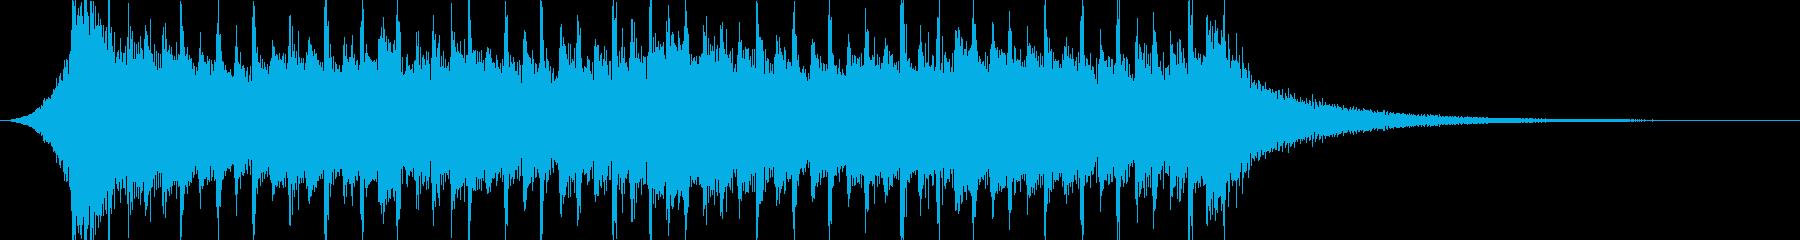 企業VP系35、爽やかギター4つ打ちcの再生済みの波形